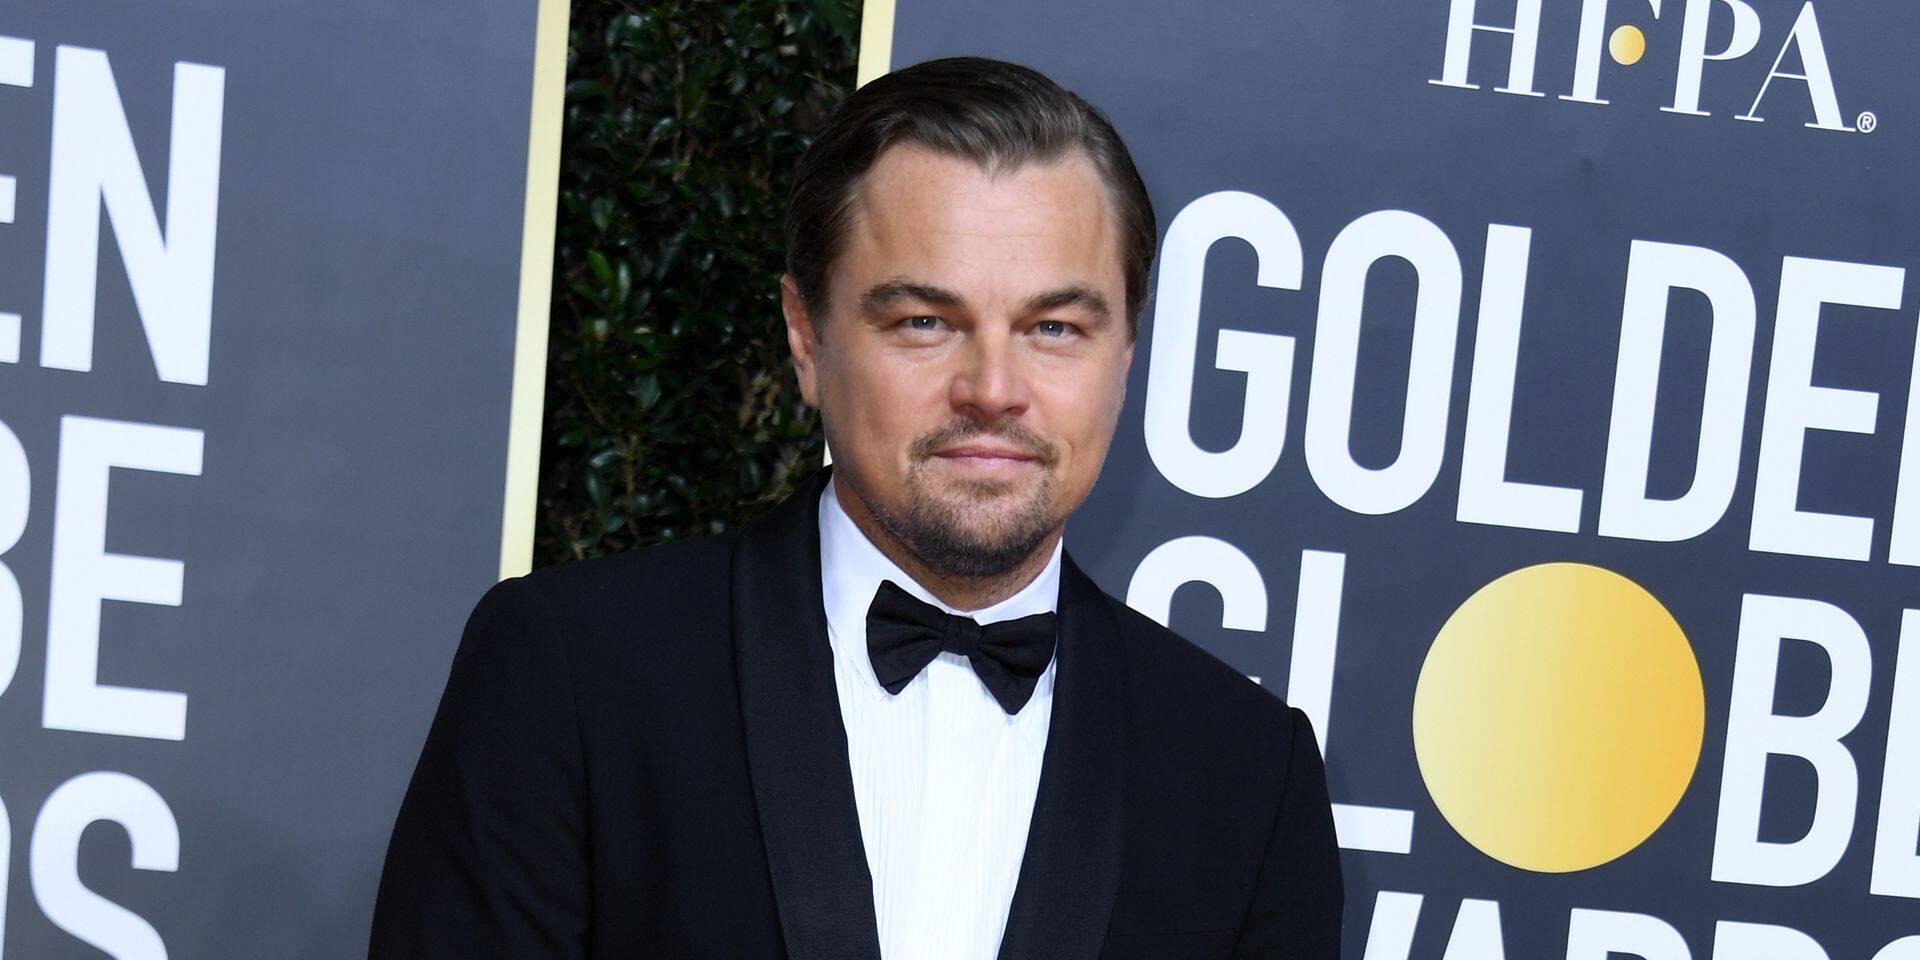 L'acte héroïque de Leonardo DiCaprio